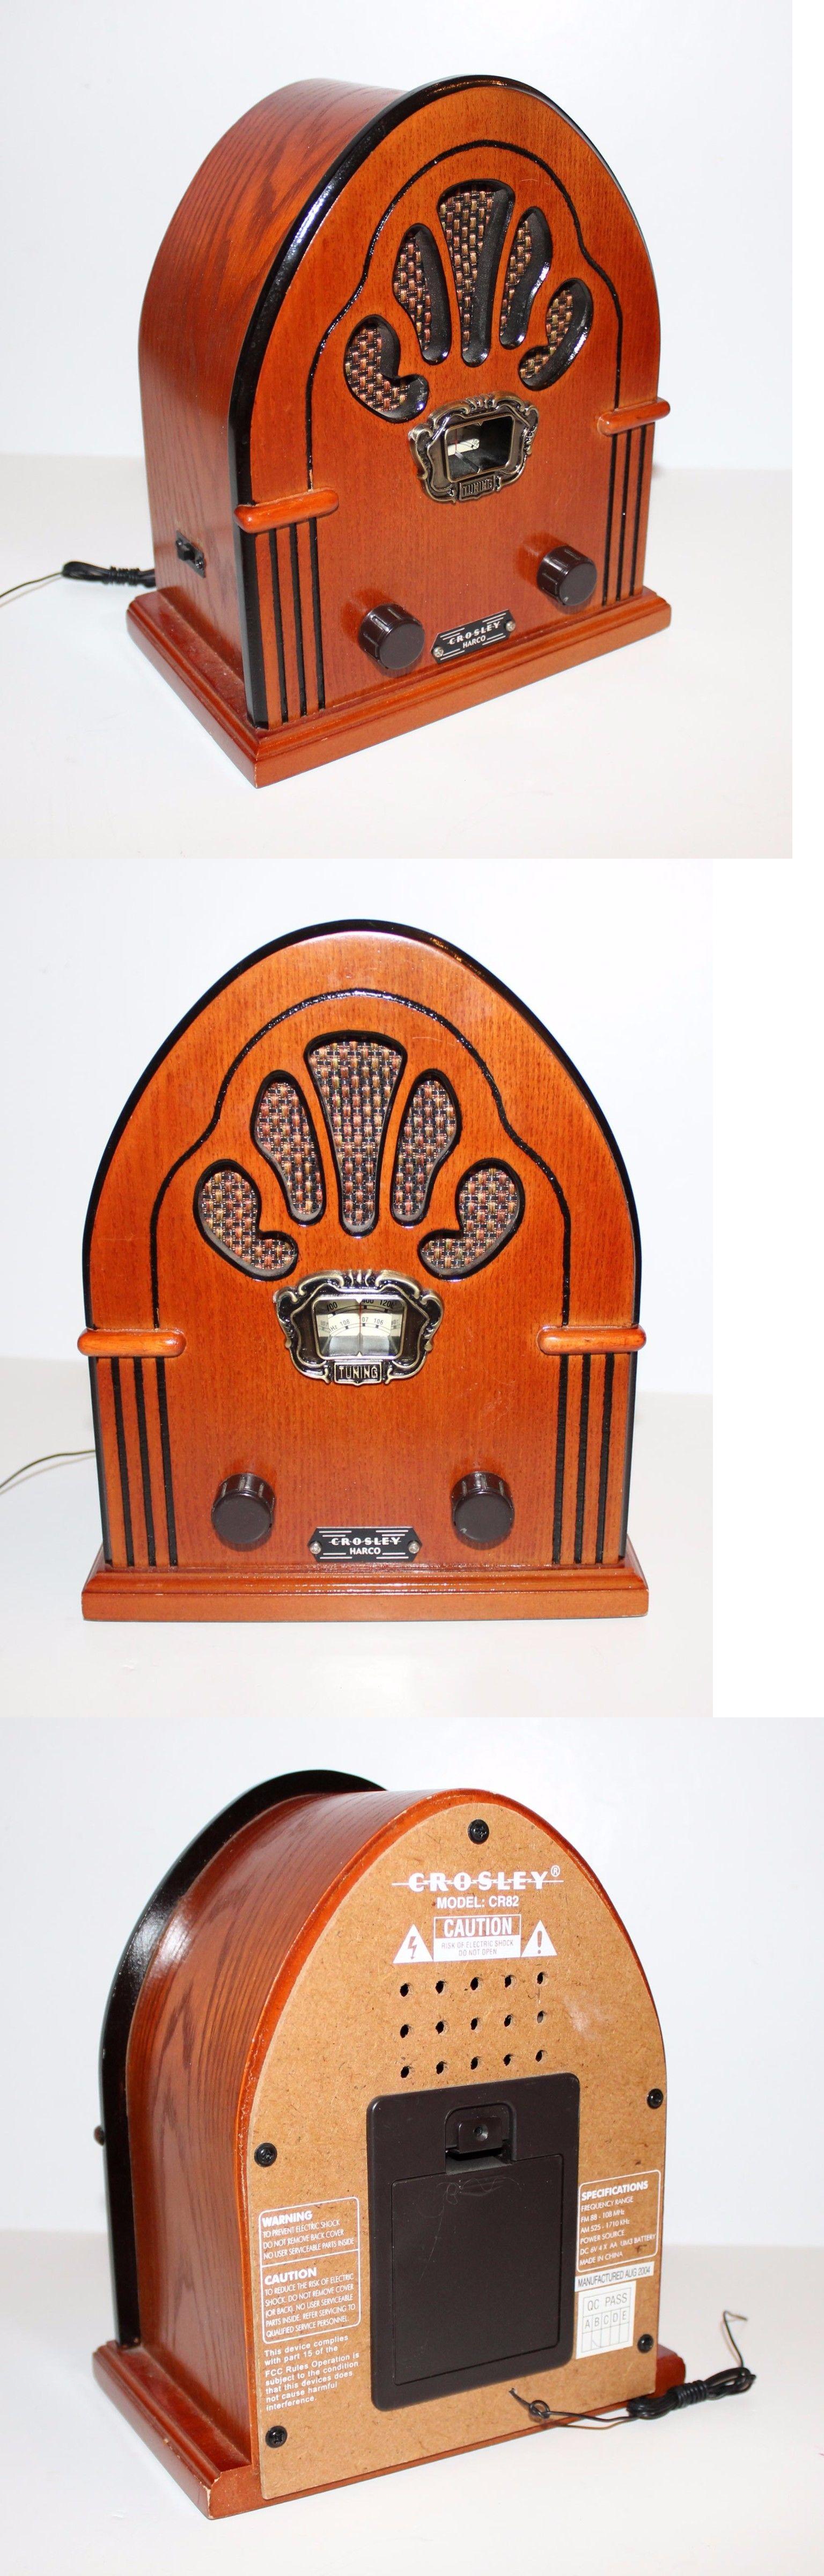 Vintage Radios Crosley 1930 Radio Harco Cr82 Reproduction Am Fm